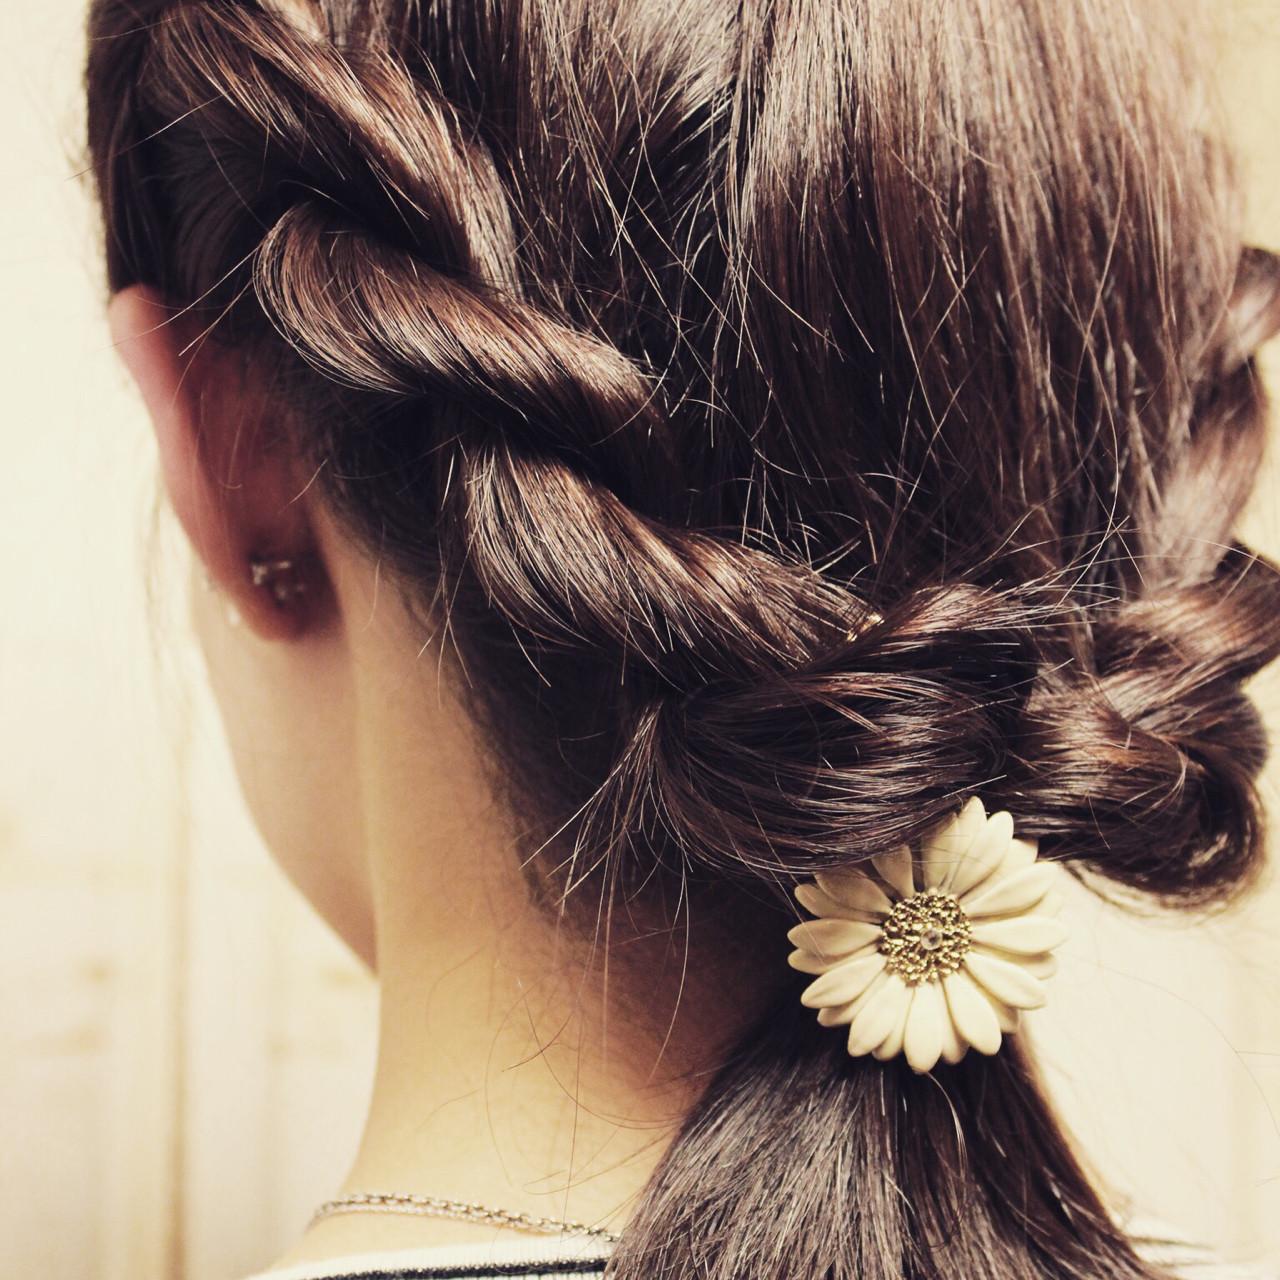 ツイスト 簡単ヘアアレンジ 大人かわいい 編み込み ヘアスタイルや髪型の写真・画像